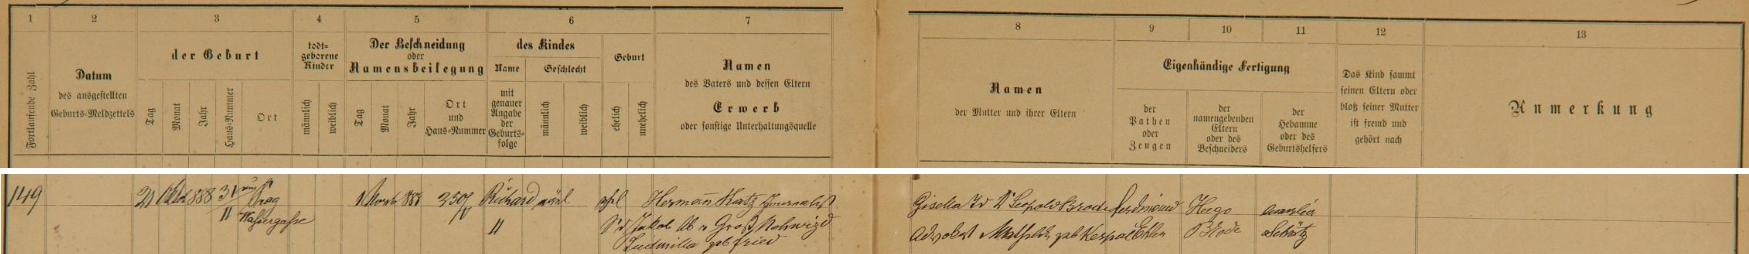 Podle tohoto záznamu pražské židovské matriky se narodil 21. října roku 1888, 1. listopadu byl pak obřezán a dostal jméno Richard ve svém rodném domě čp. 31/II. ve Vodní ulici (Wassergasse), dnes Praha 5 - otec Hermann Katz, žurnalista, byl synem Jakoba Katze z Velkých Nehvizd (Groß Nehwizd), dnes jen Nehvizdy, a jeho ženy Ludmilly, roz. Friedové, chlapcova matka Gisella byla pak dcerou advokáta Leopolda Brodeho a jeho ženy Mathildy, roz. Kespalové - kmotrem dítěte se stal Ferdinand Ehler, obřízku provedl Hugo Brode a jako porodní bába je tu psána Amalia Schützová